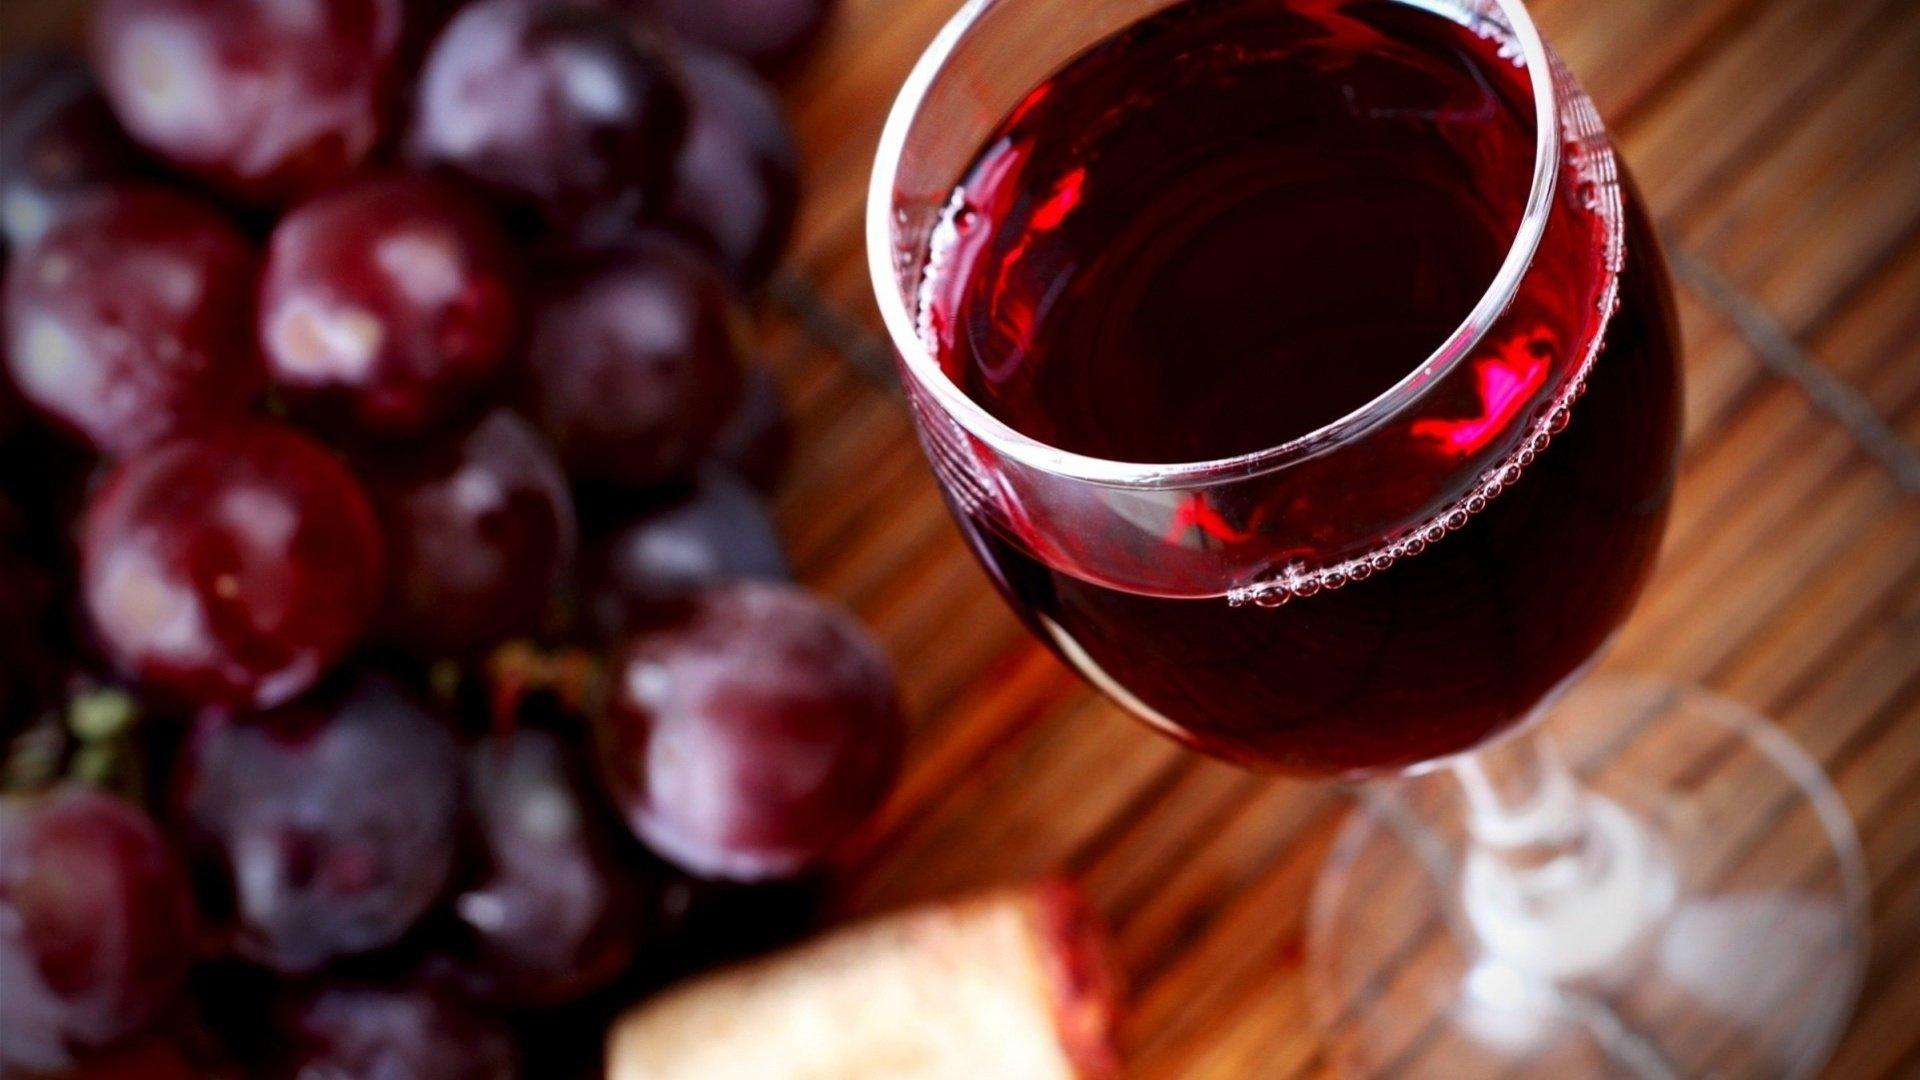 Объемные, картинки с красным вином